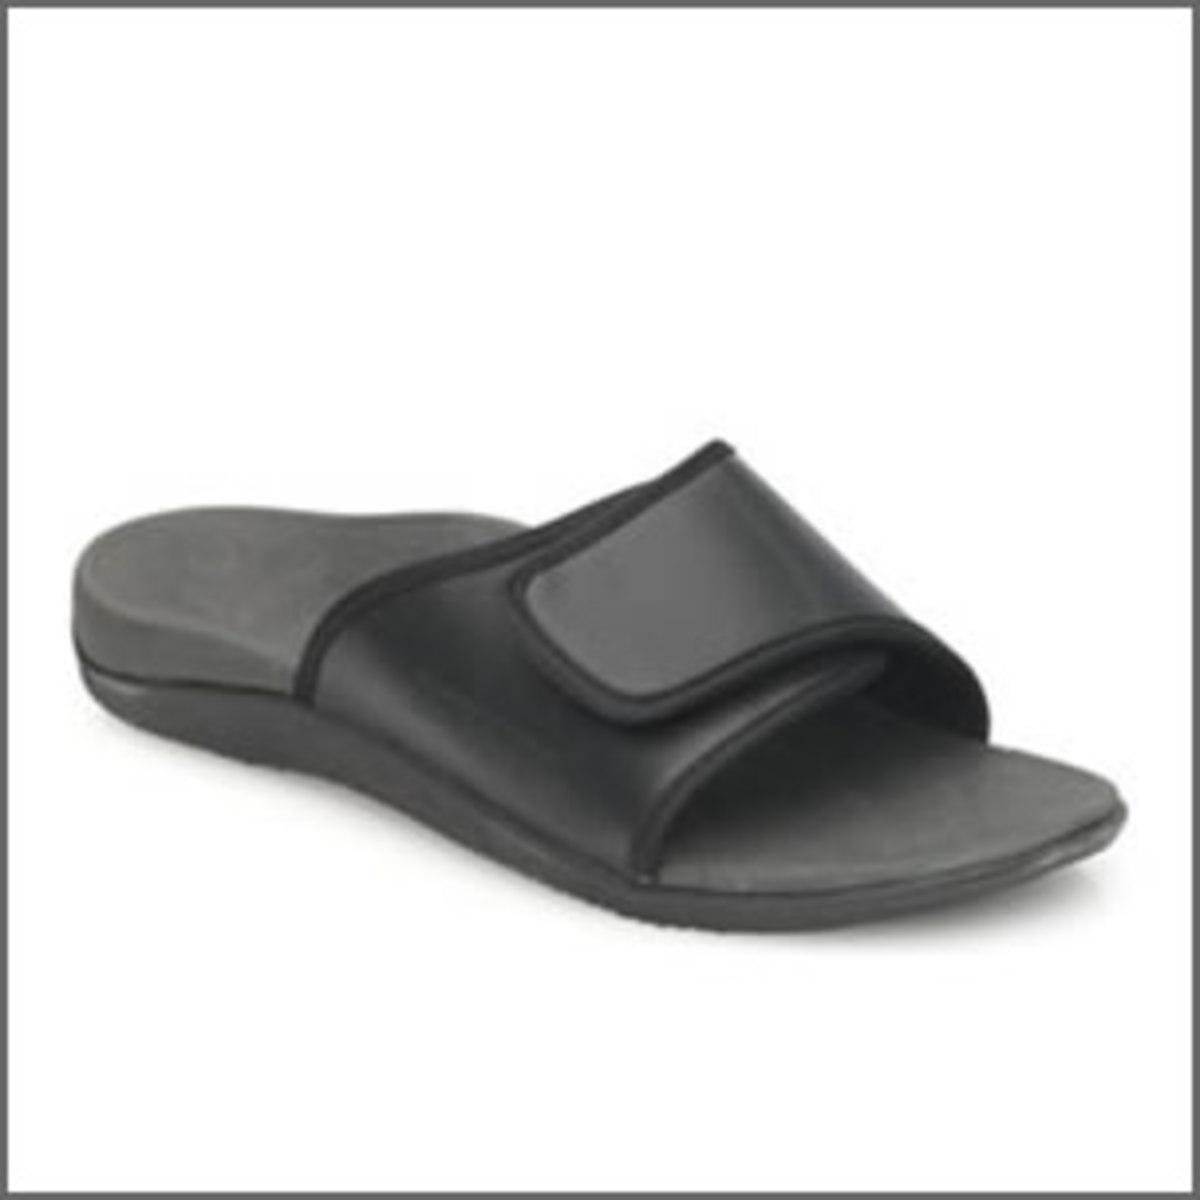 Orthaheel Sports Sandal